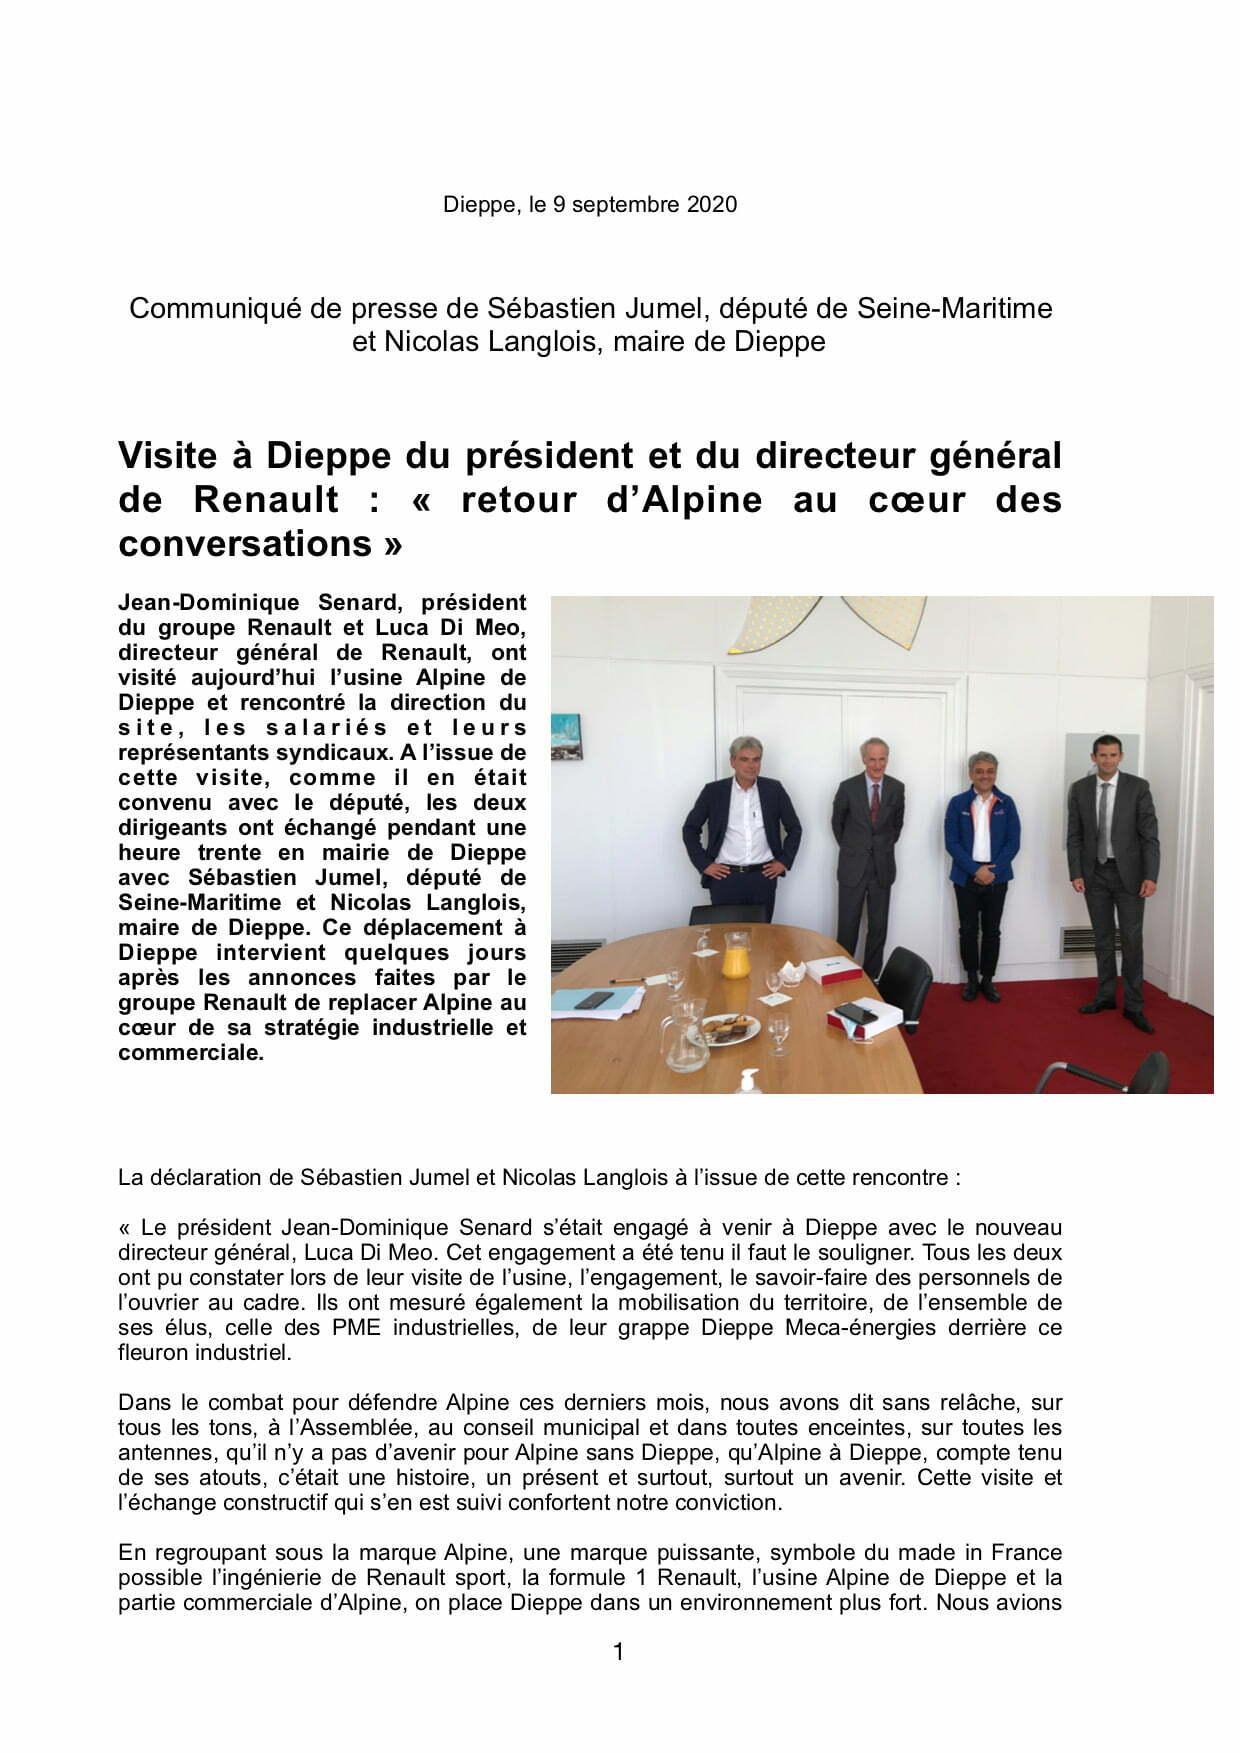 Compte rendu Sebastien Jumel 9 Septembre 2020 1 | Usine Alpine de Dieppe: la visite surprise de Luca De Meo